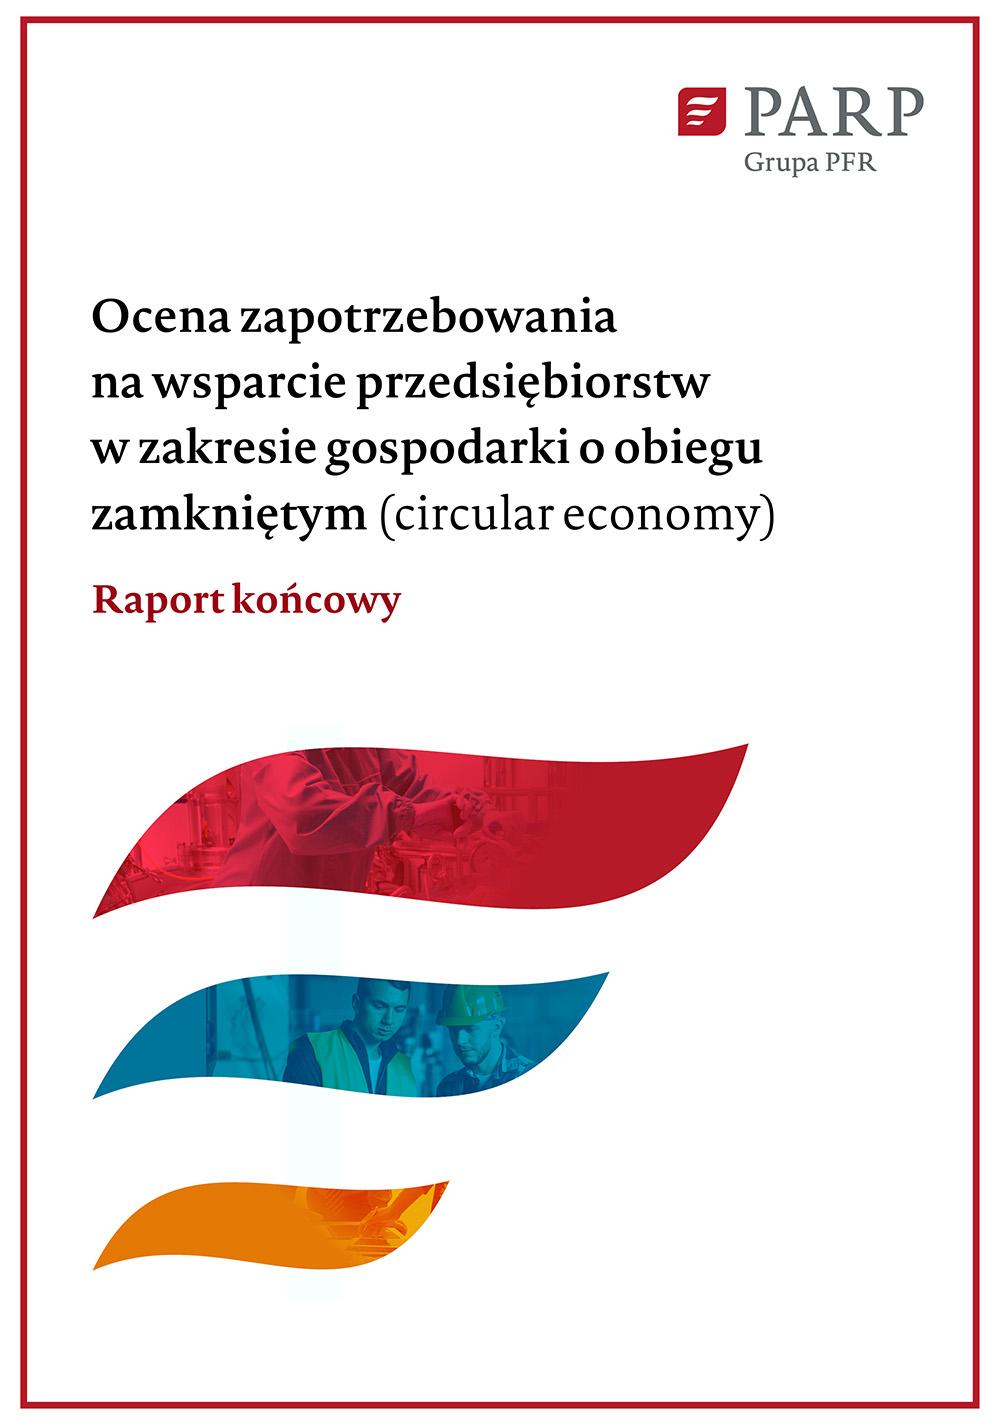 Ocena zapotrzebowania na wsparcie przedsiębiorstw w zakresie gospodarki o obiegu zamkniętym (circular economy)